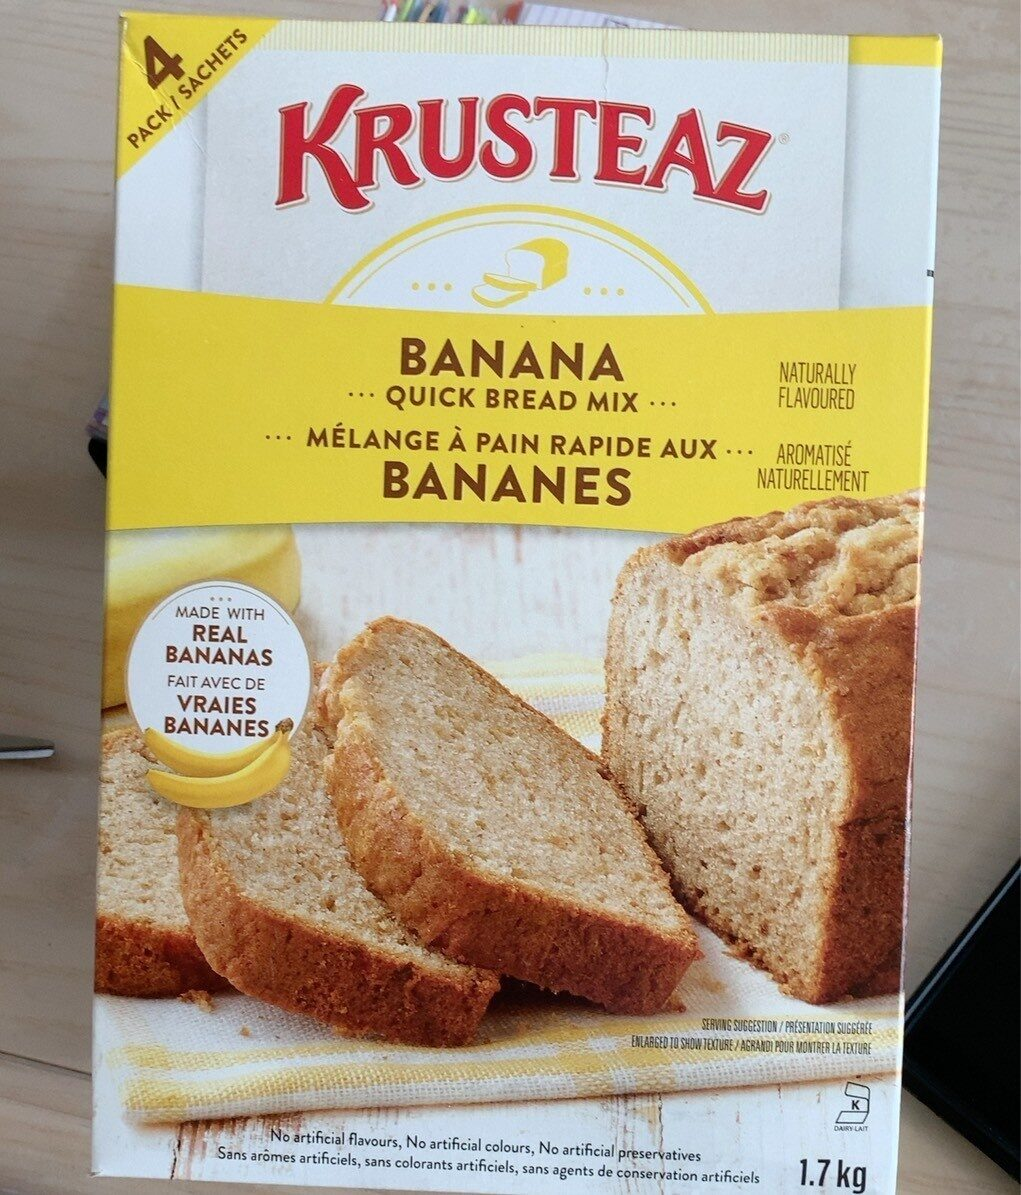 Mélange a pain au banane - Product - fr